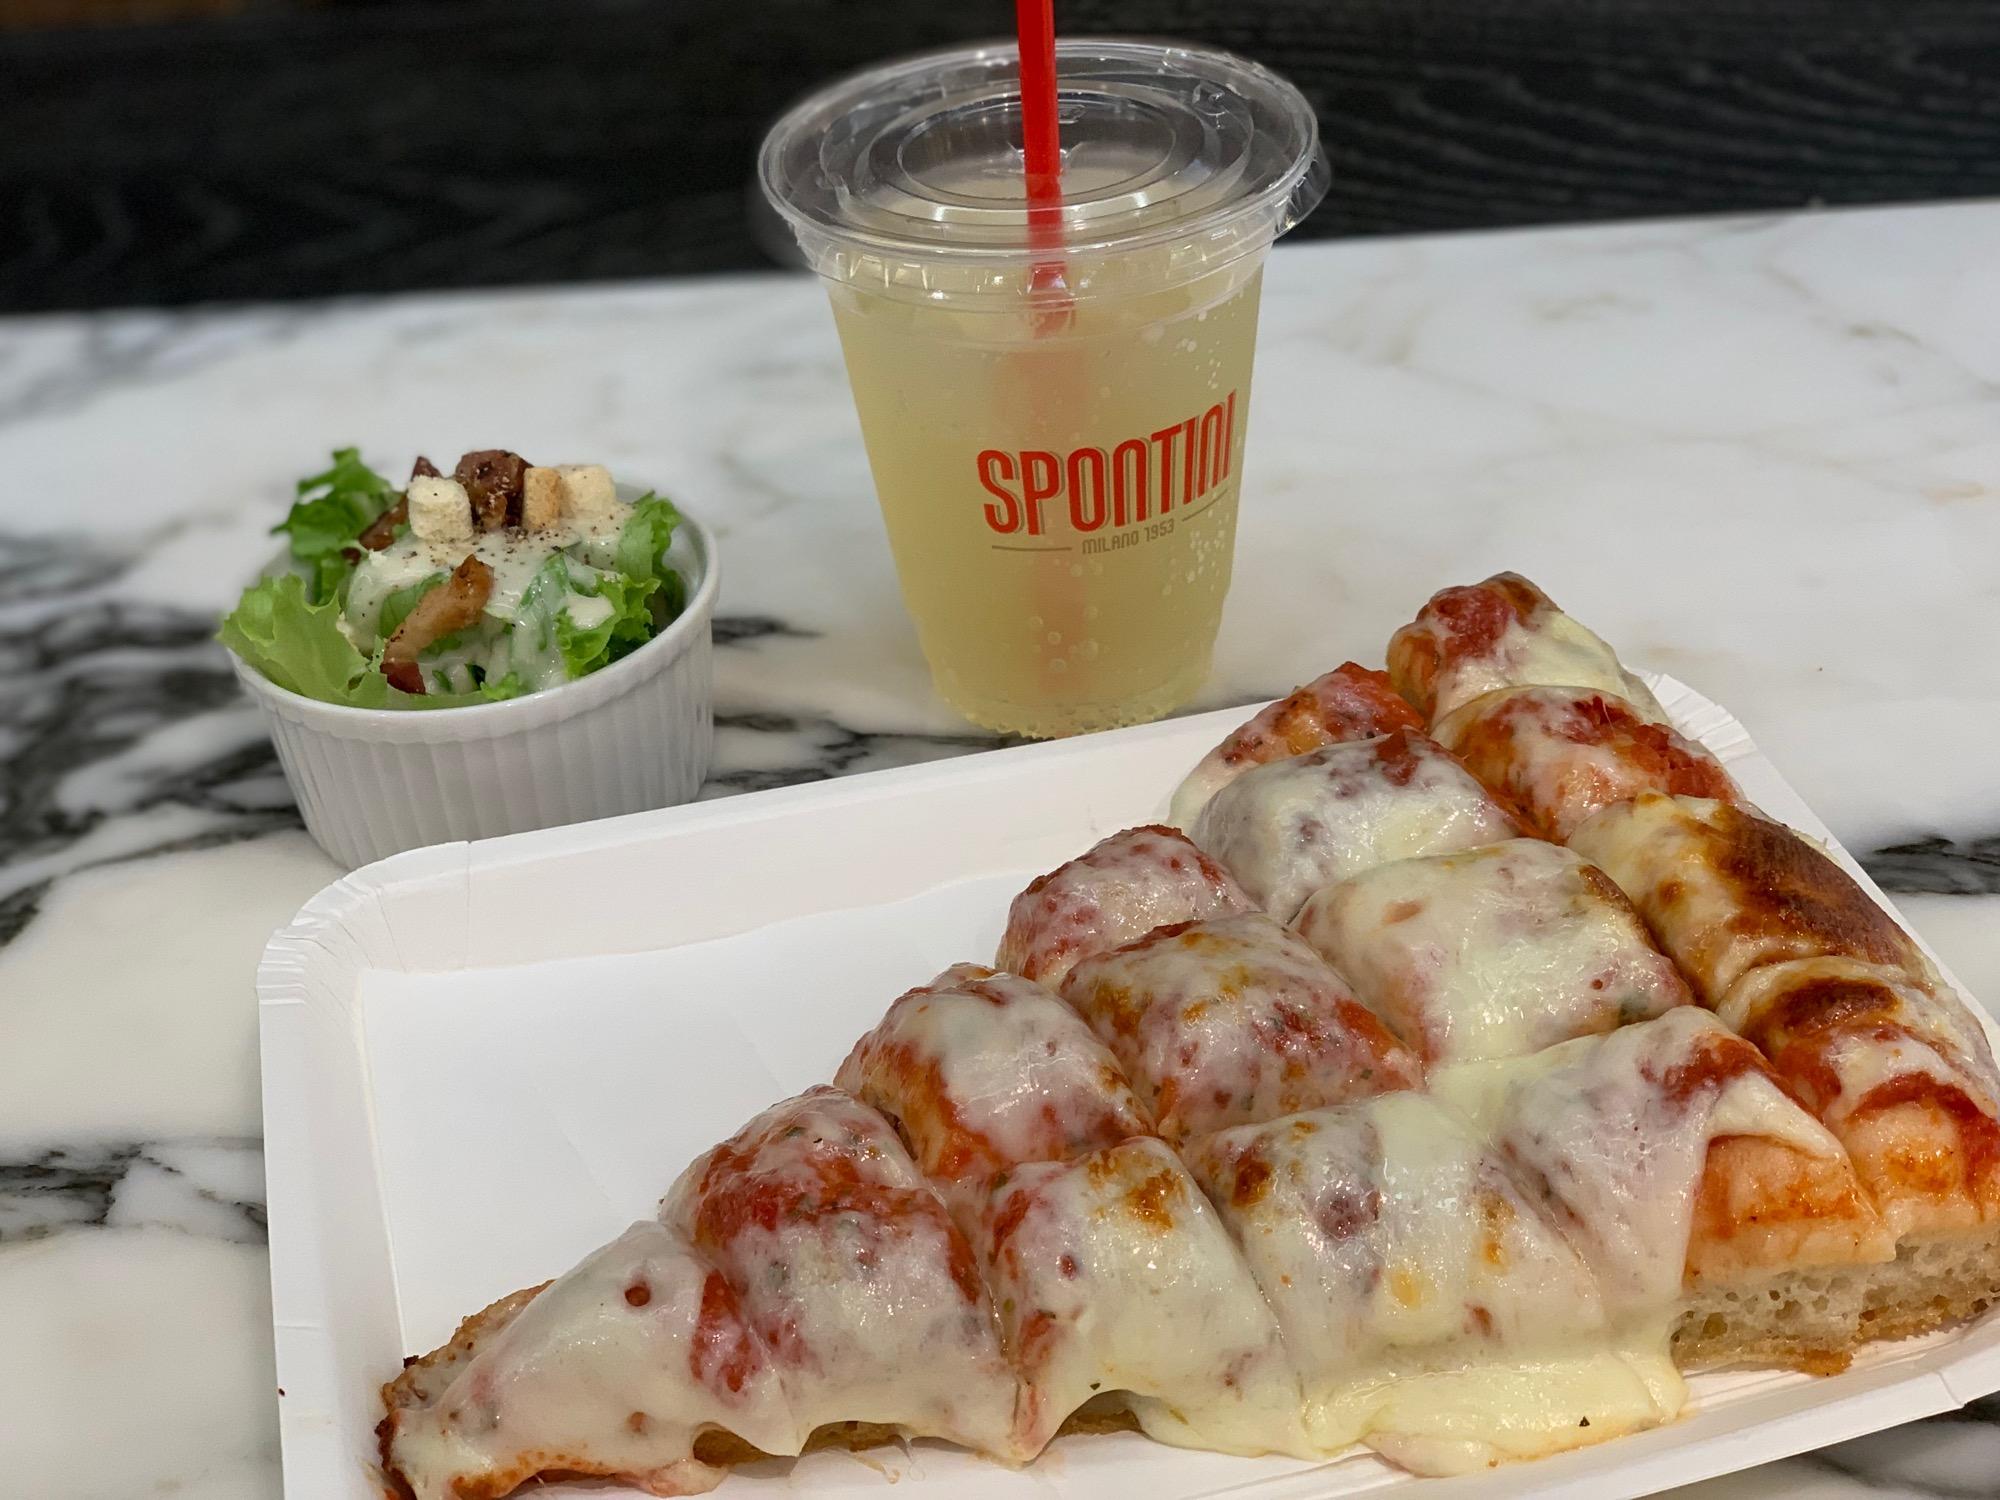 《ご当地MORE✩横浜》絶品ピザが手軽に食べれる❤️【SPONTINI】のおトクsetがおすすめ☻!_2